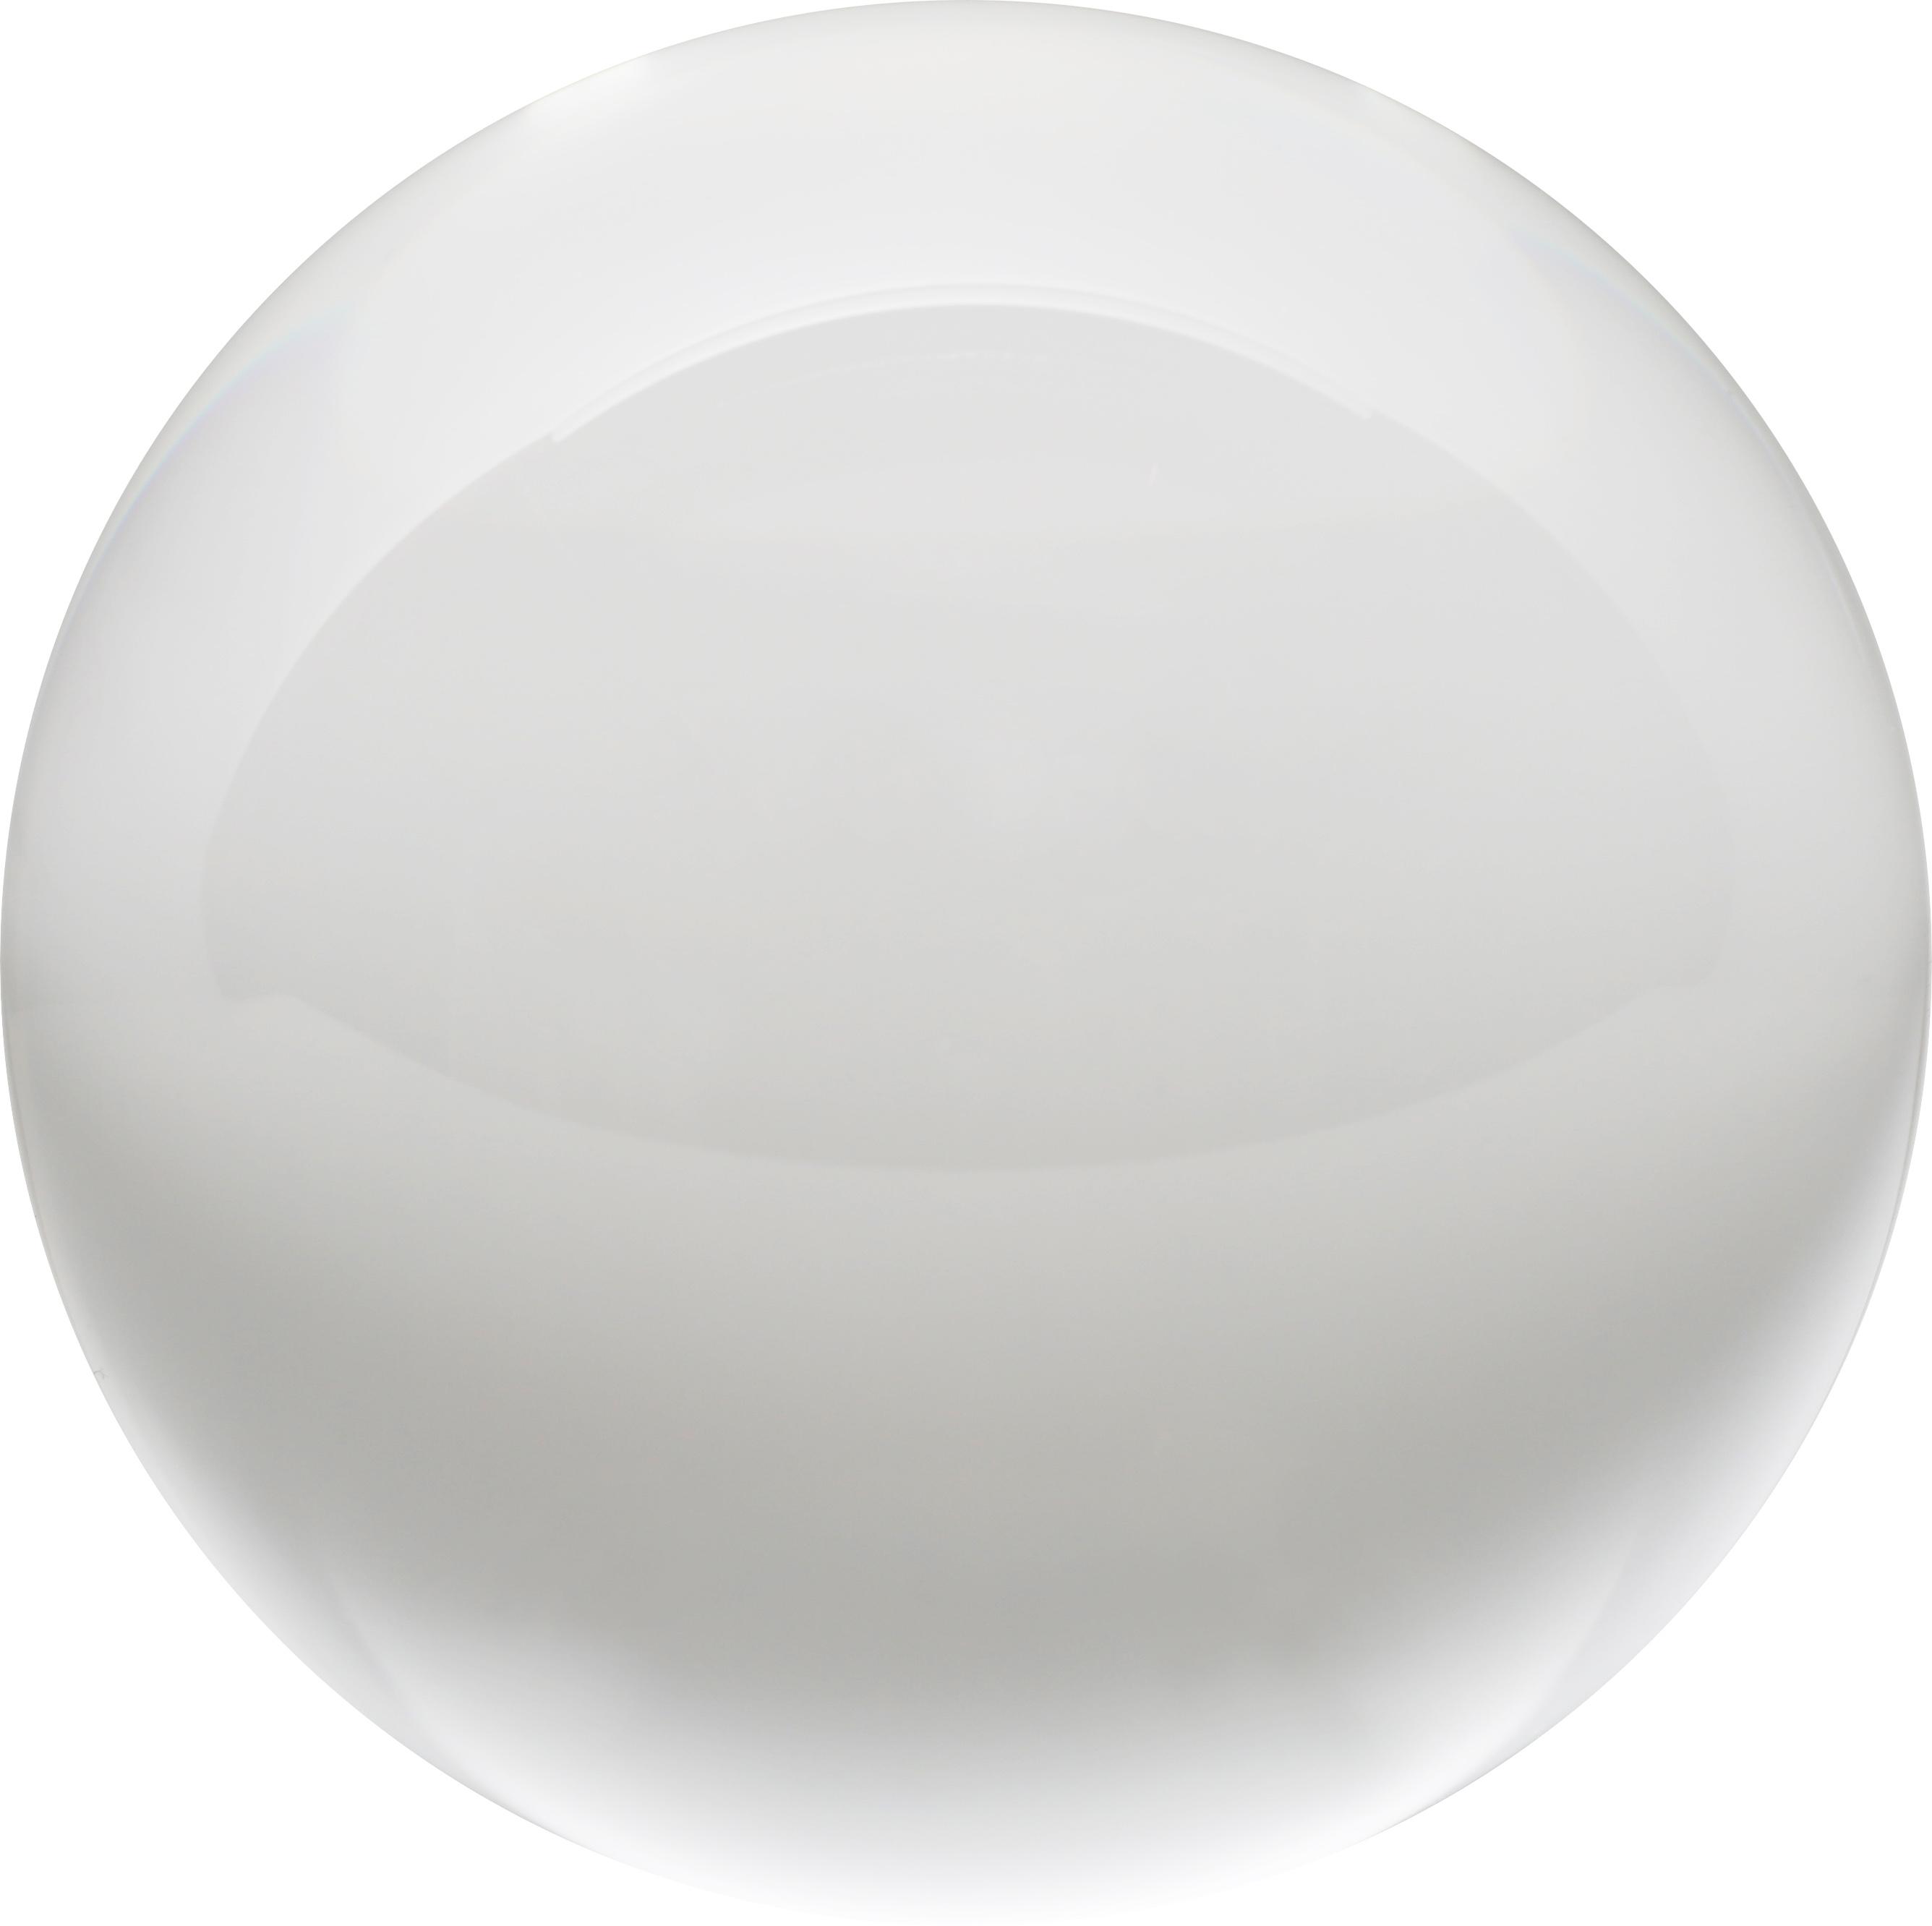 Rollei Lensball 90 mm (DSLM / DSLR)